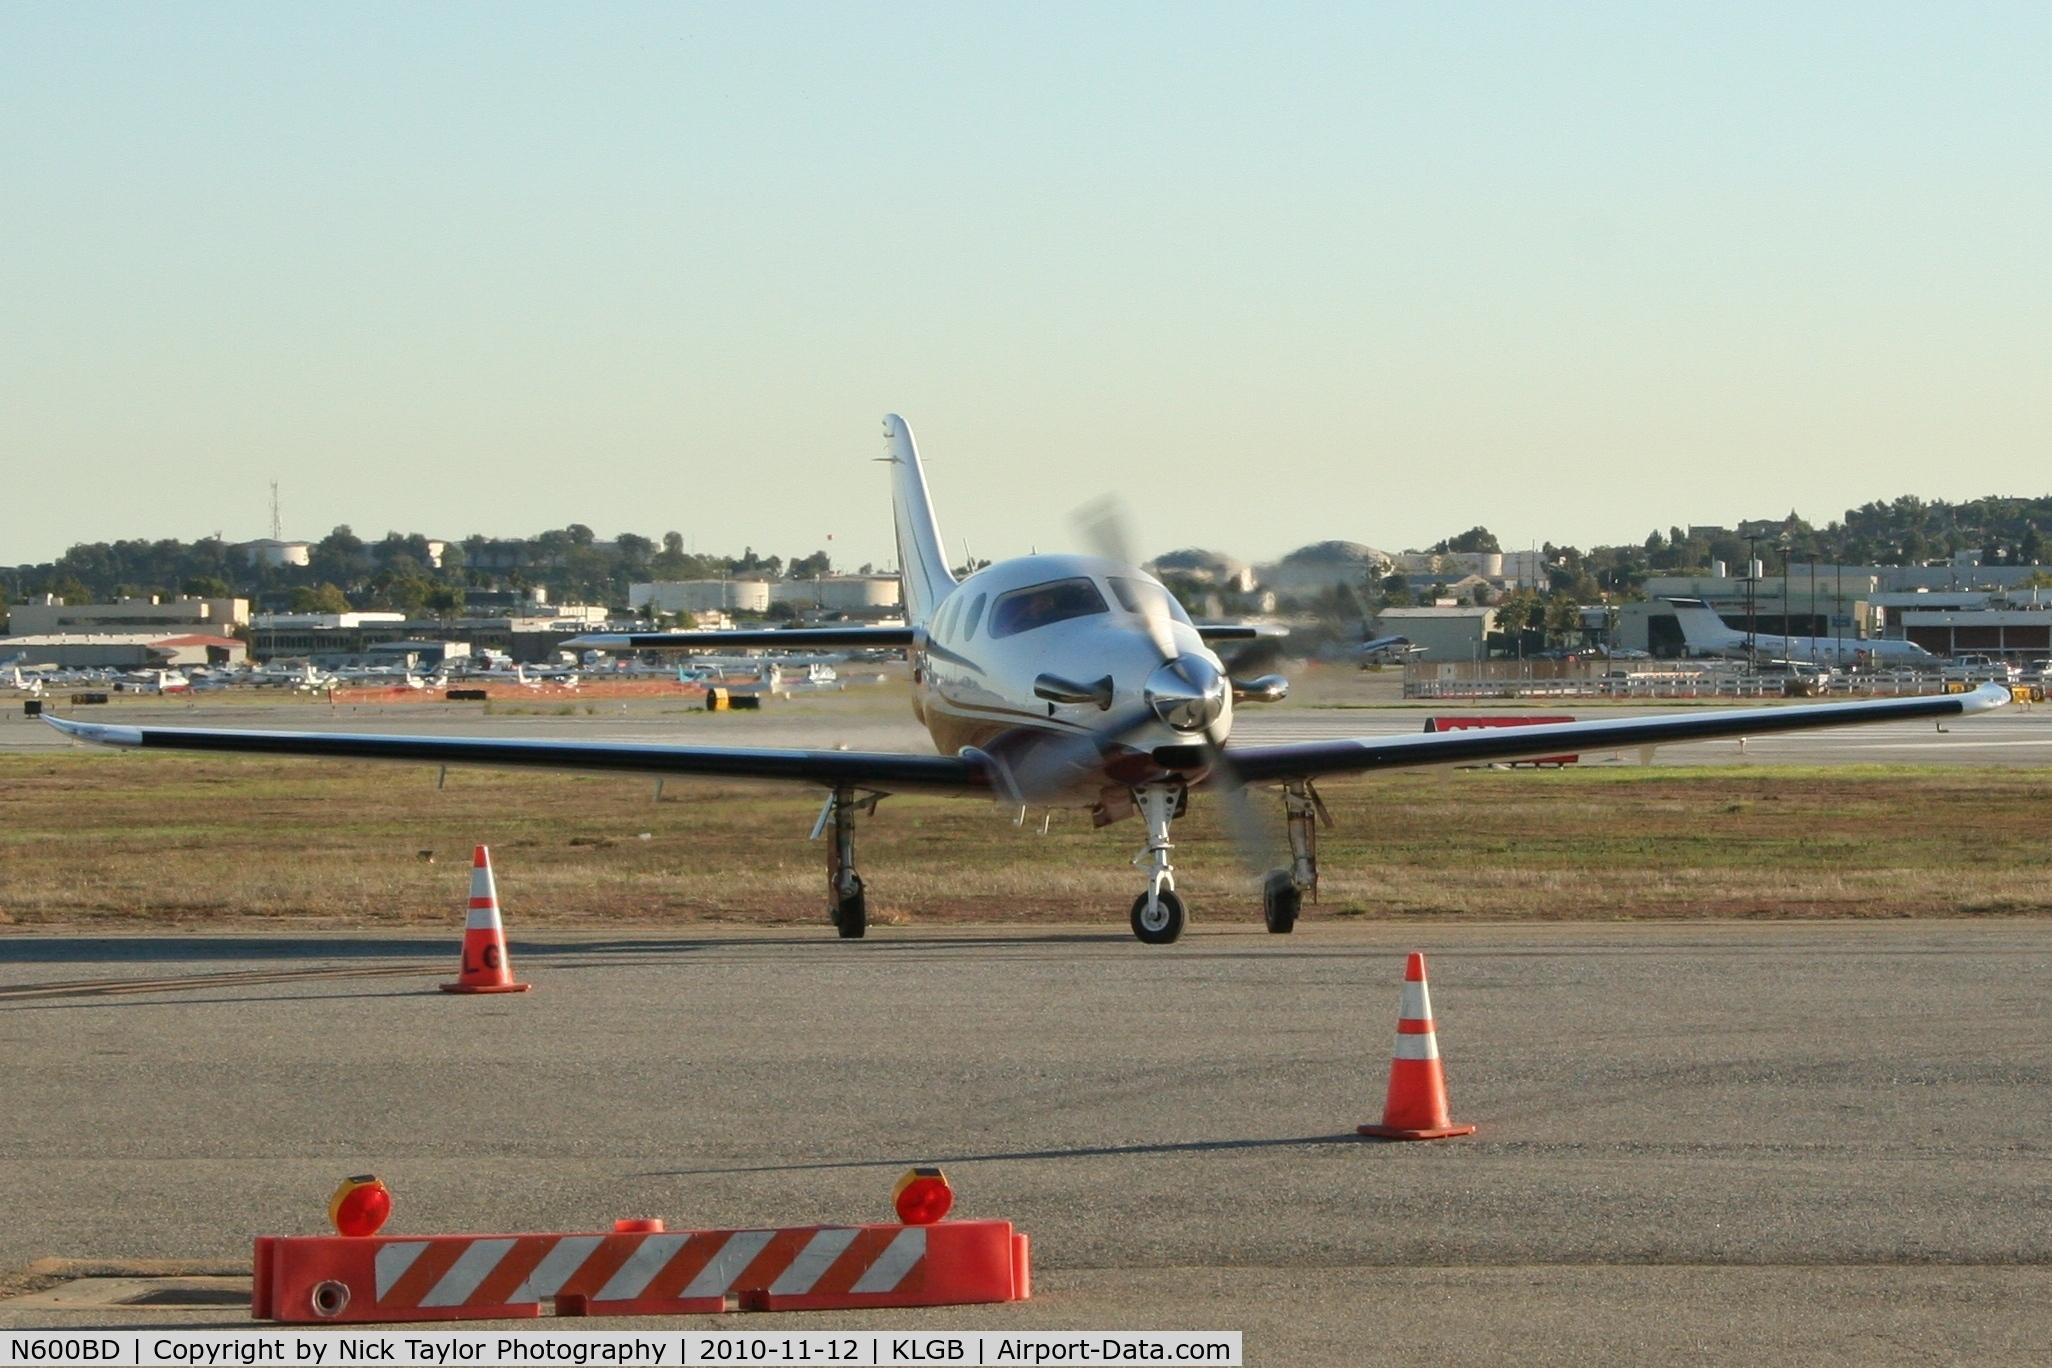 N600BD, 2008 AIR EPIC LT C/N 019, at the AOPA Airport fest